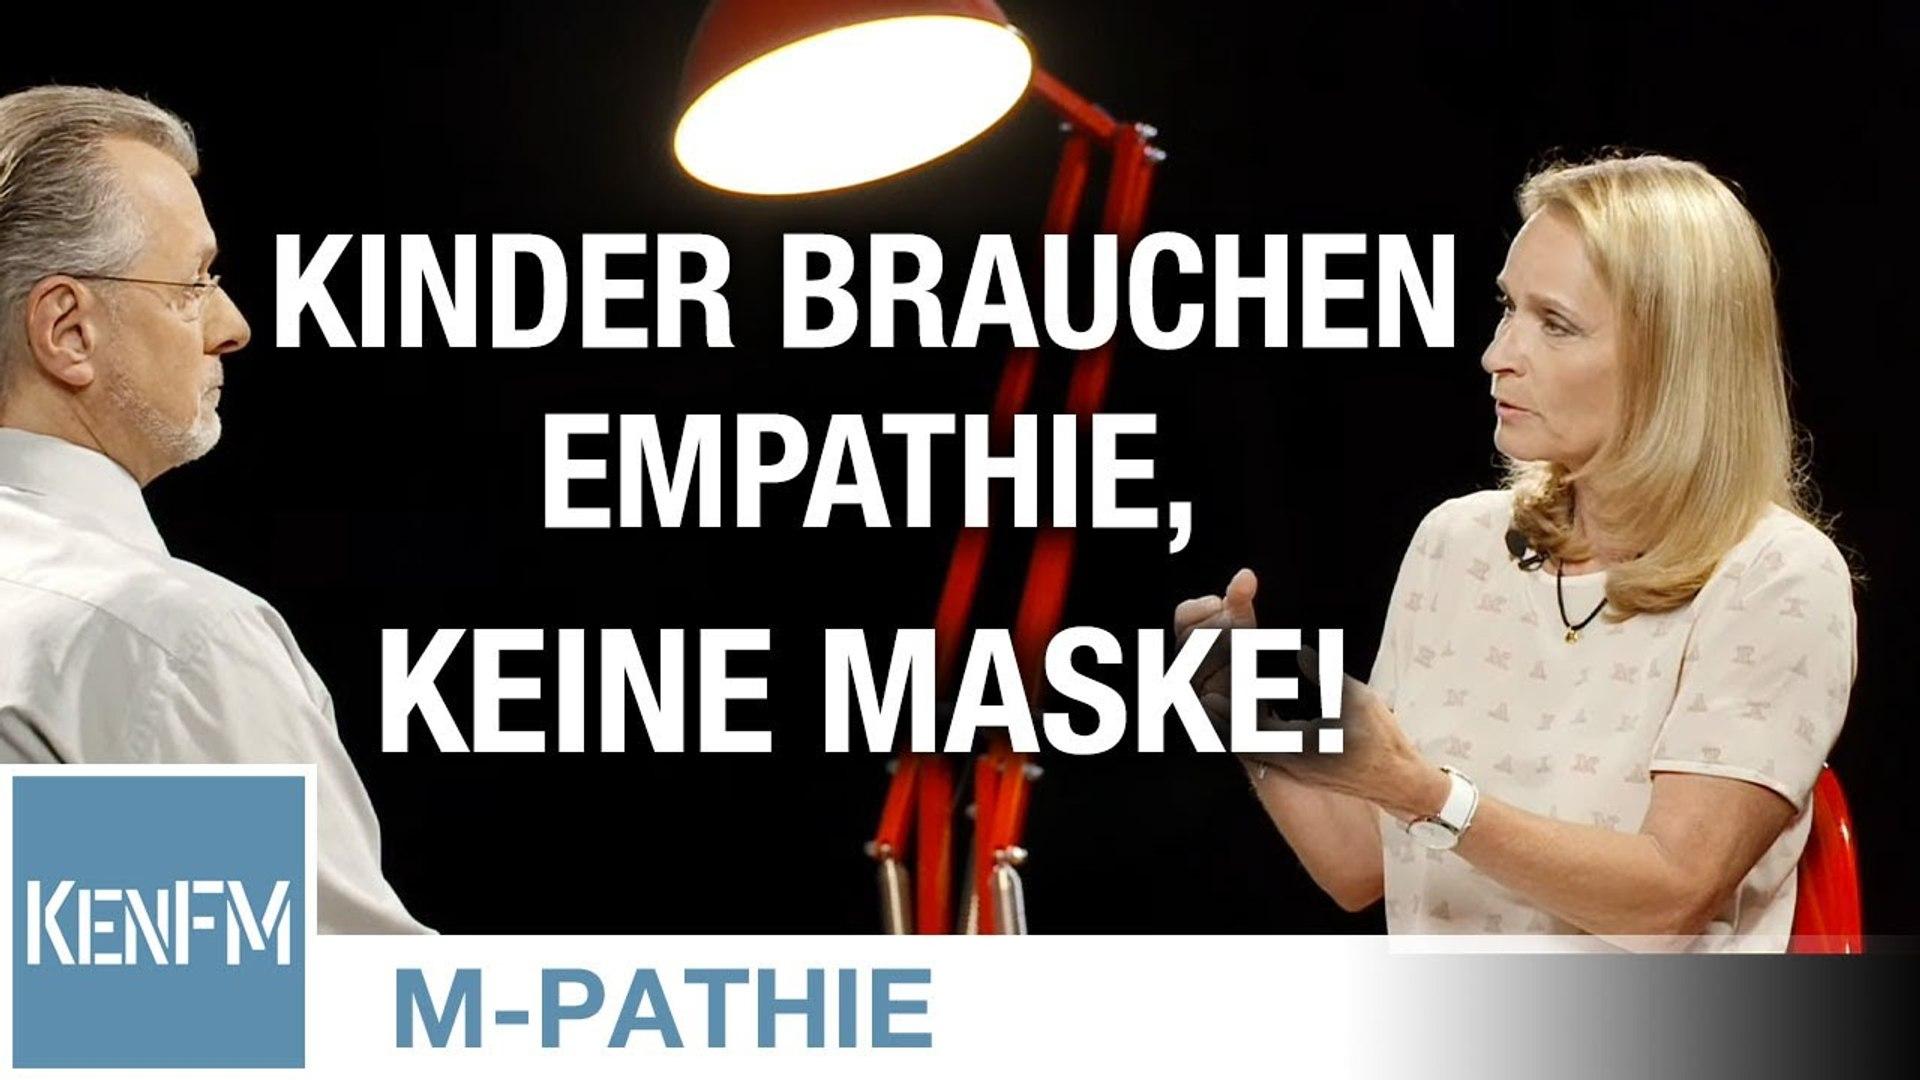 """M-PATHIE – Zu Gast heute: Andrea Beck – """"Kinder brauchen Empathie, keine Maske!"""""""